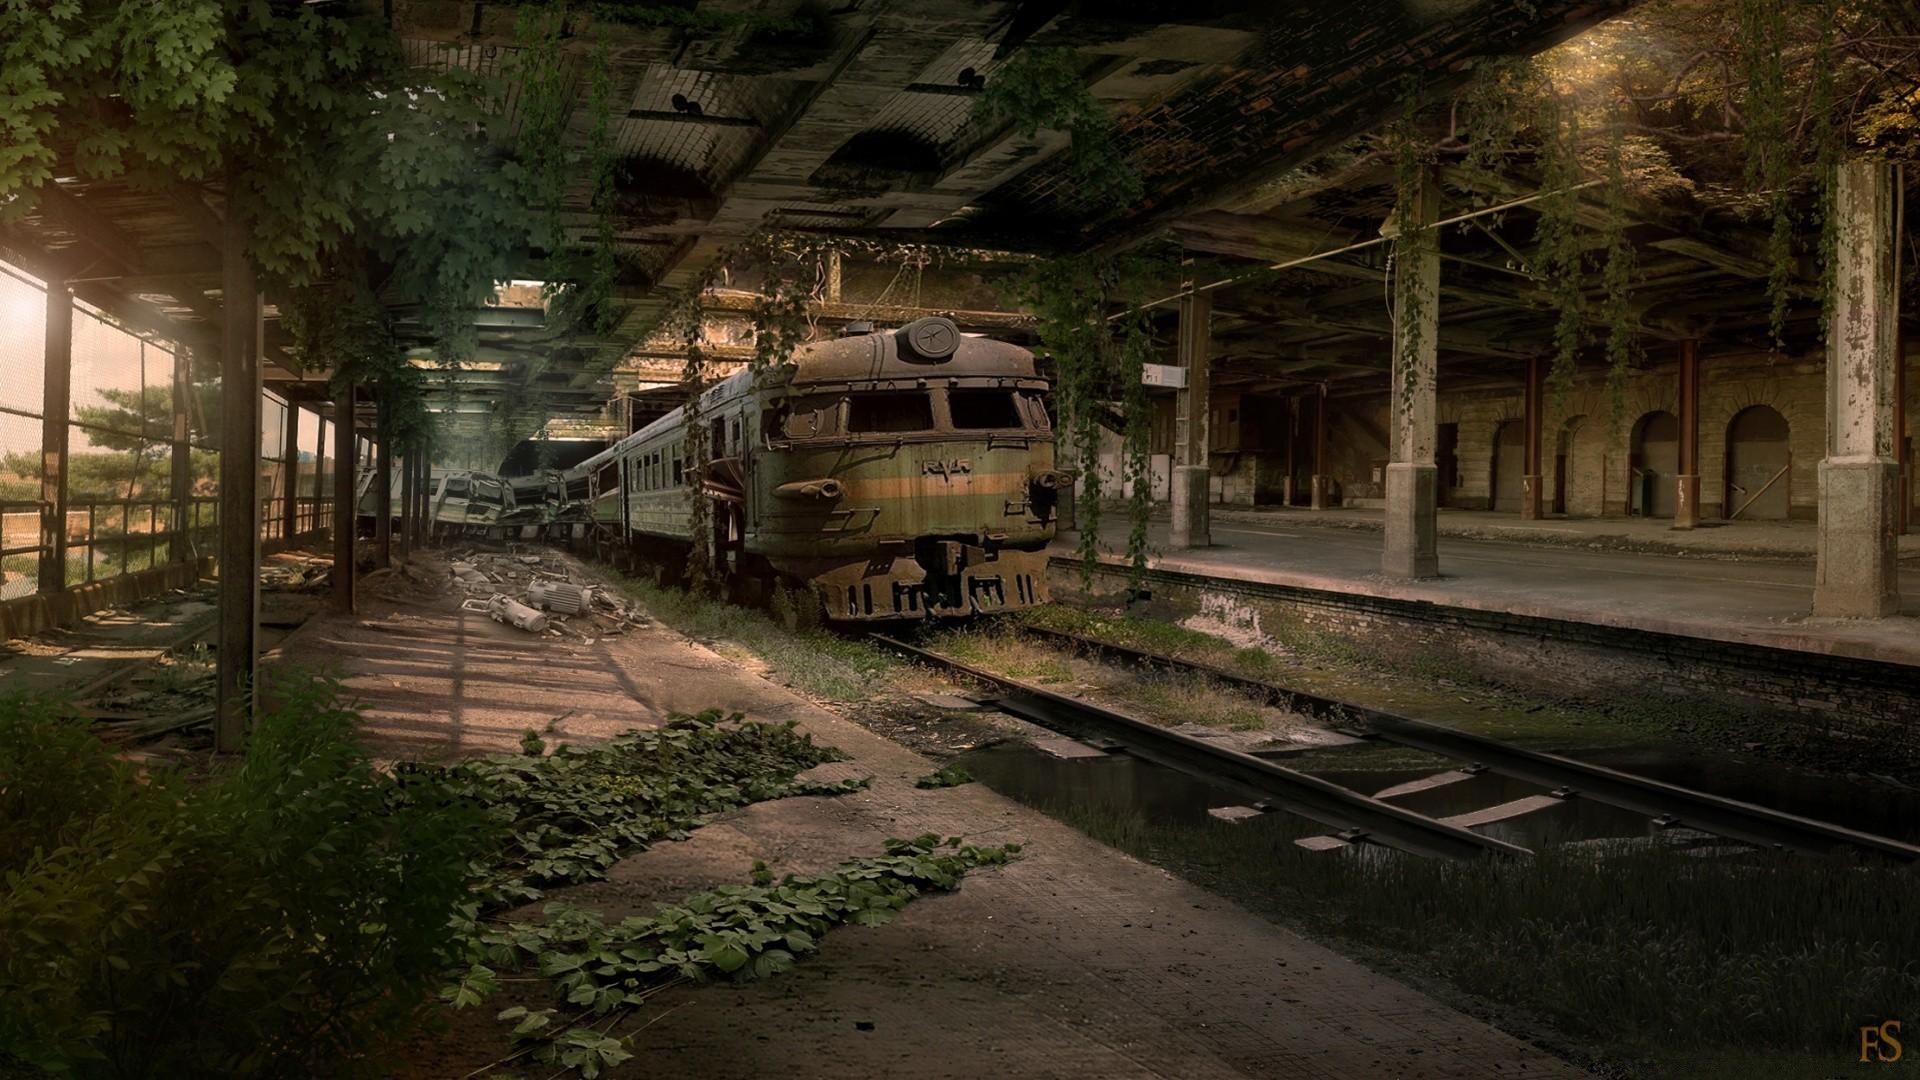 картинки на компьютер вокзалы дымка сорт